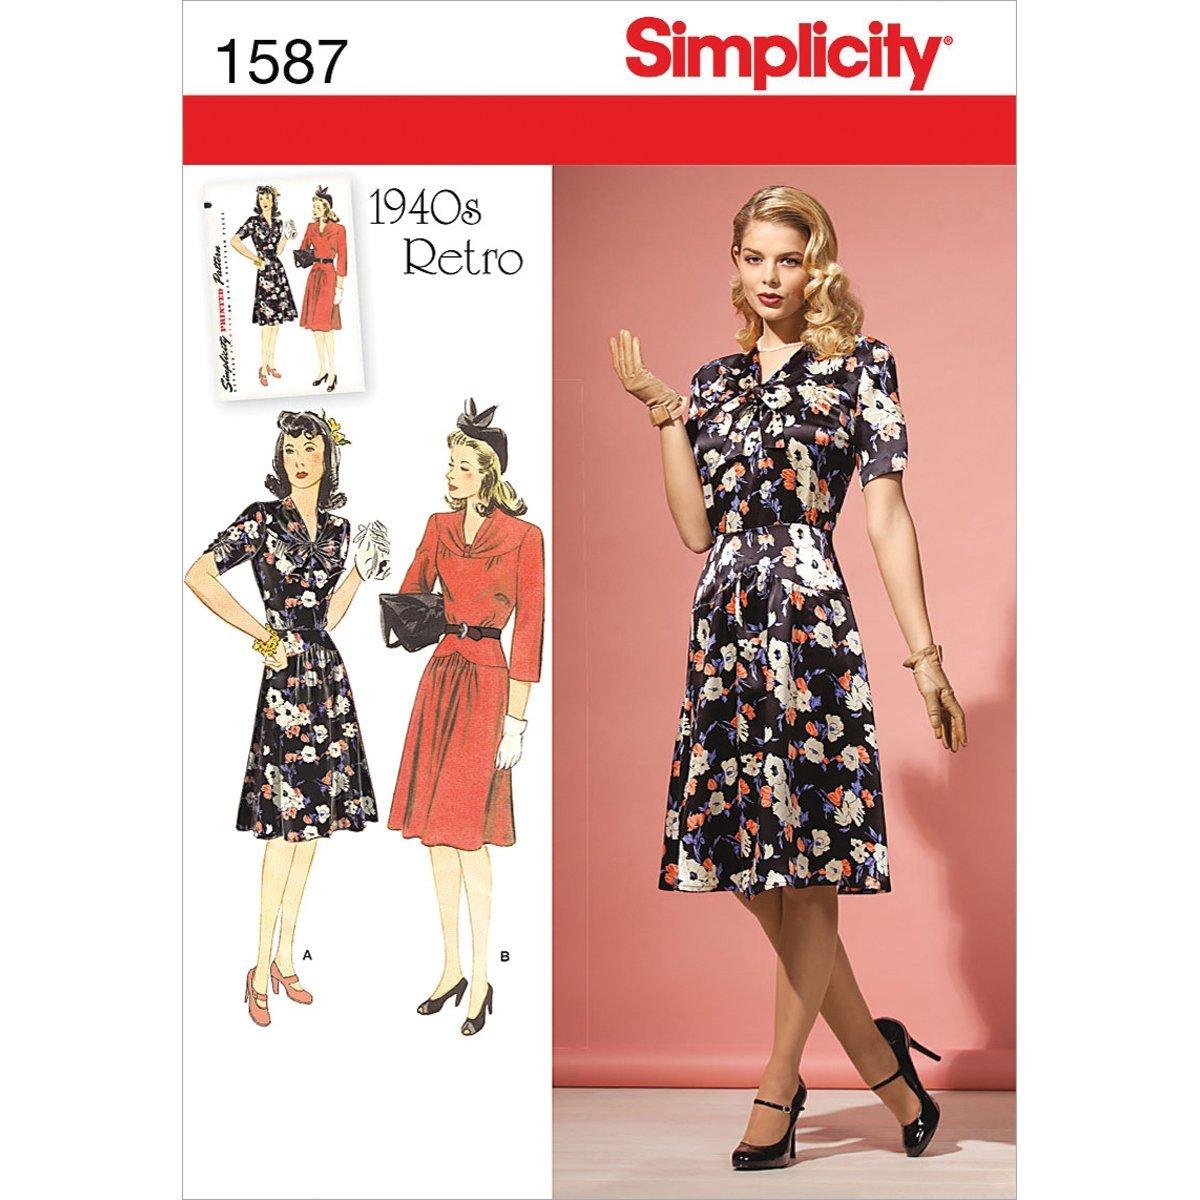 Simplicity 1587 Größe H5 Misses und Miss Petite 1940 's